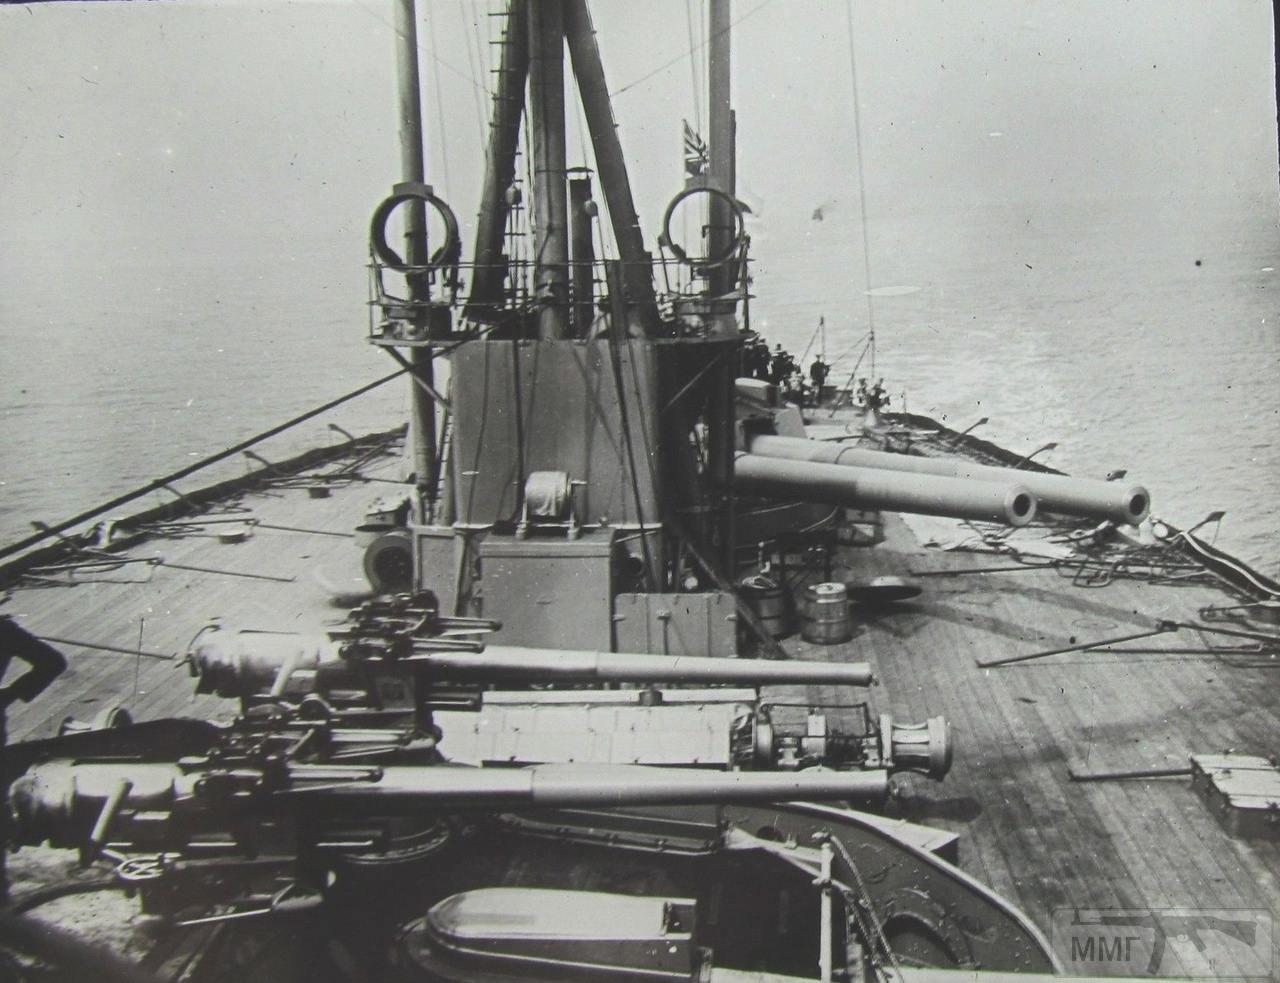 112930 - HMS Dreadnought